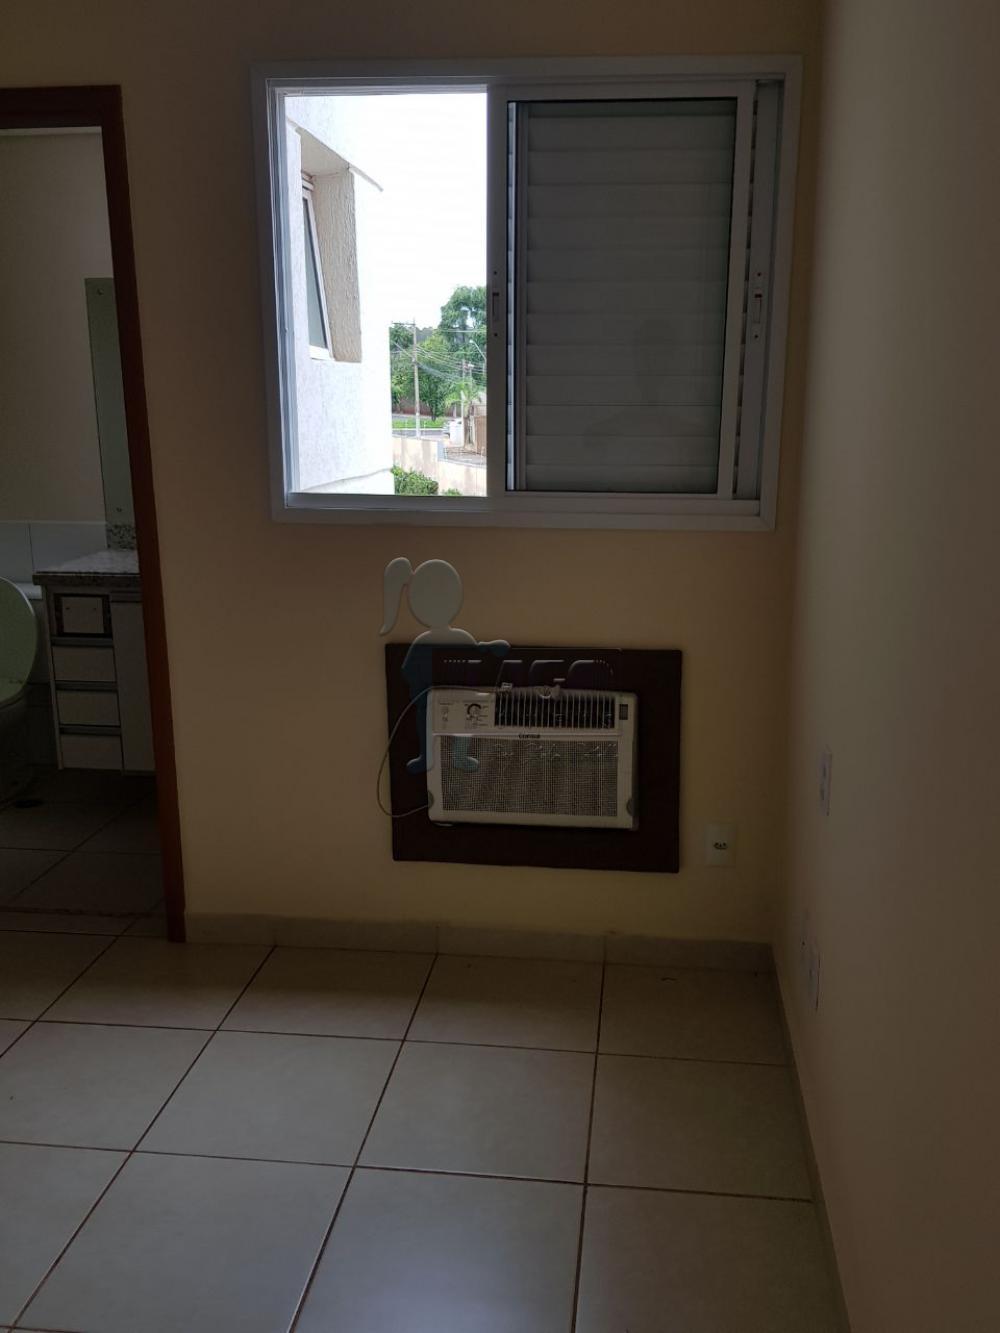 Comprar Apartamento / Padrão em Ribeirão Preto apenas R$ 170.000,00 - Foto 12